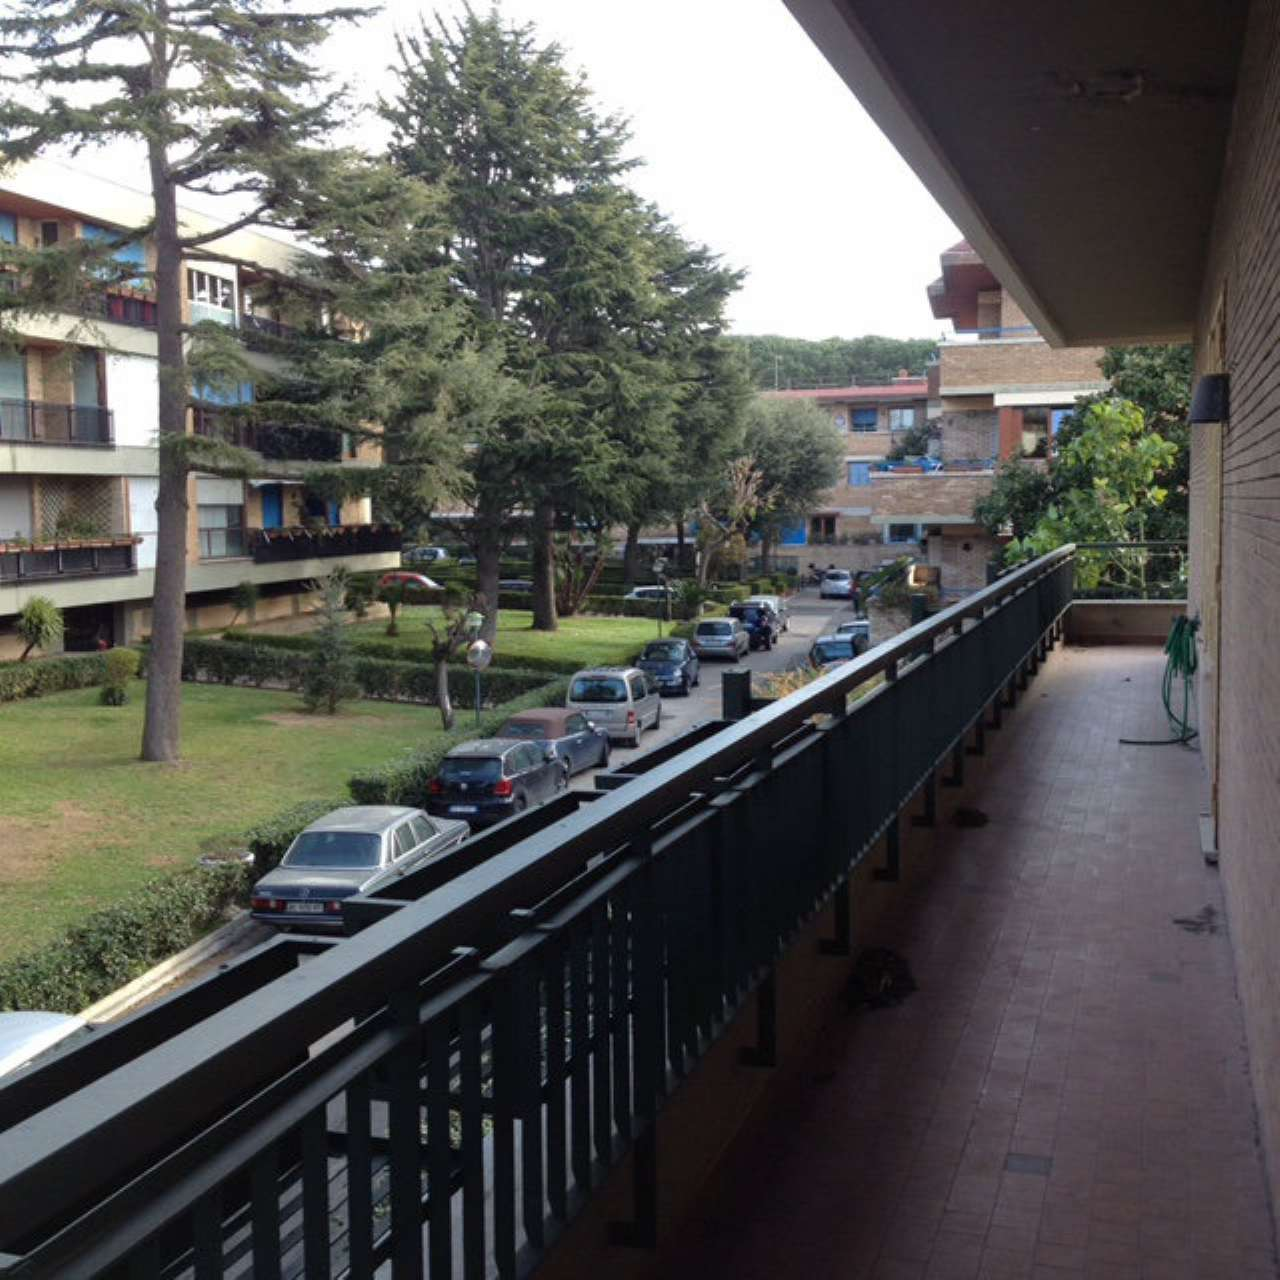 Appartamento in affitto a Napoli, 6 locali, zona Zona: 1 . Chiaia, Posillipo, San Ferdinando, prezzo € 2.500 | Cambio Casa.it